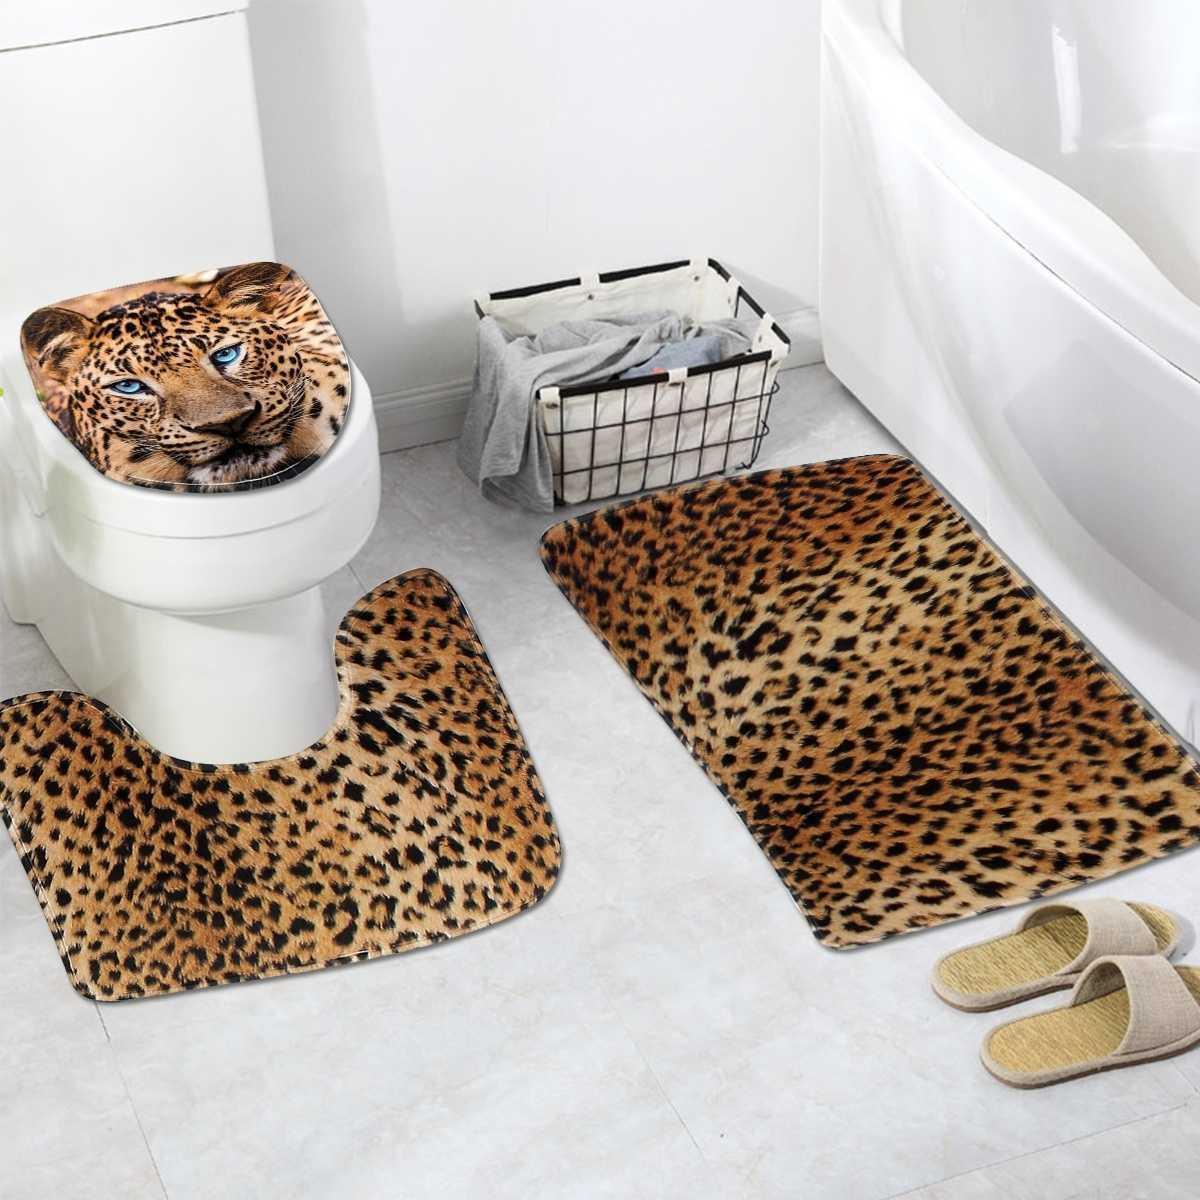 3 peça definir leopardo impresso antiderrapante banheiro banheiro toalete pedestal tapete tapete toalete tampa tampa de tampa impermeável pavimento matéria banheiro decoração 210724